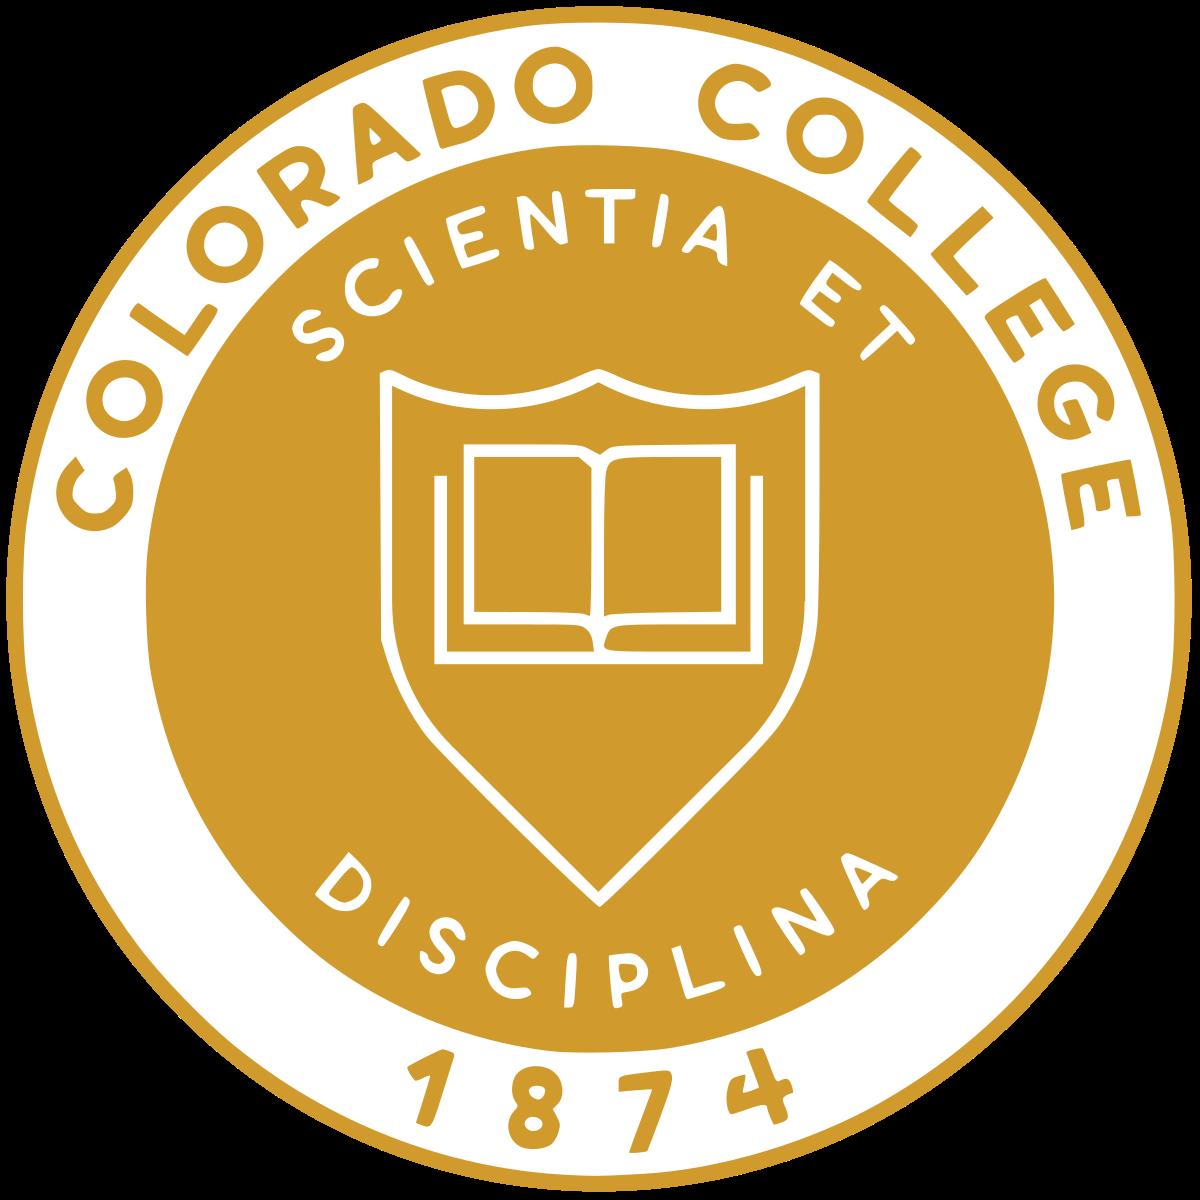 Colorado College Wikipedia College, University logo